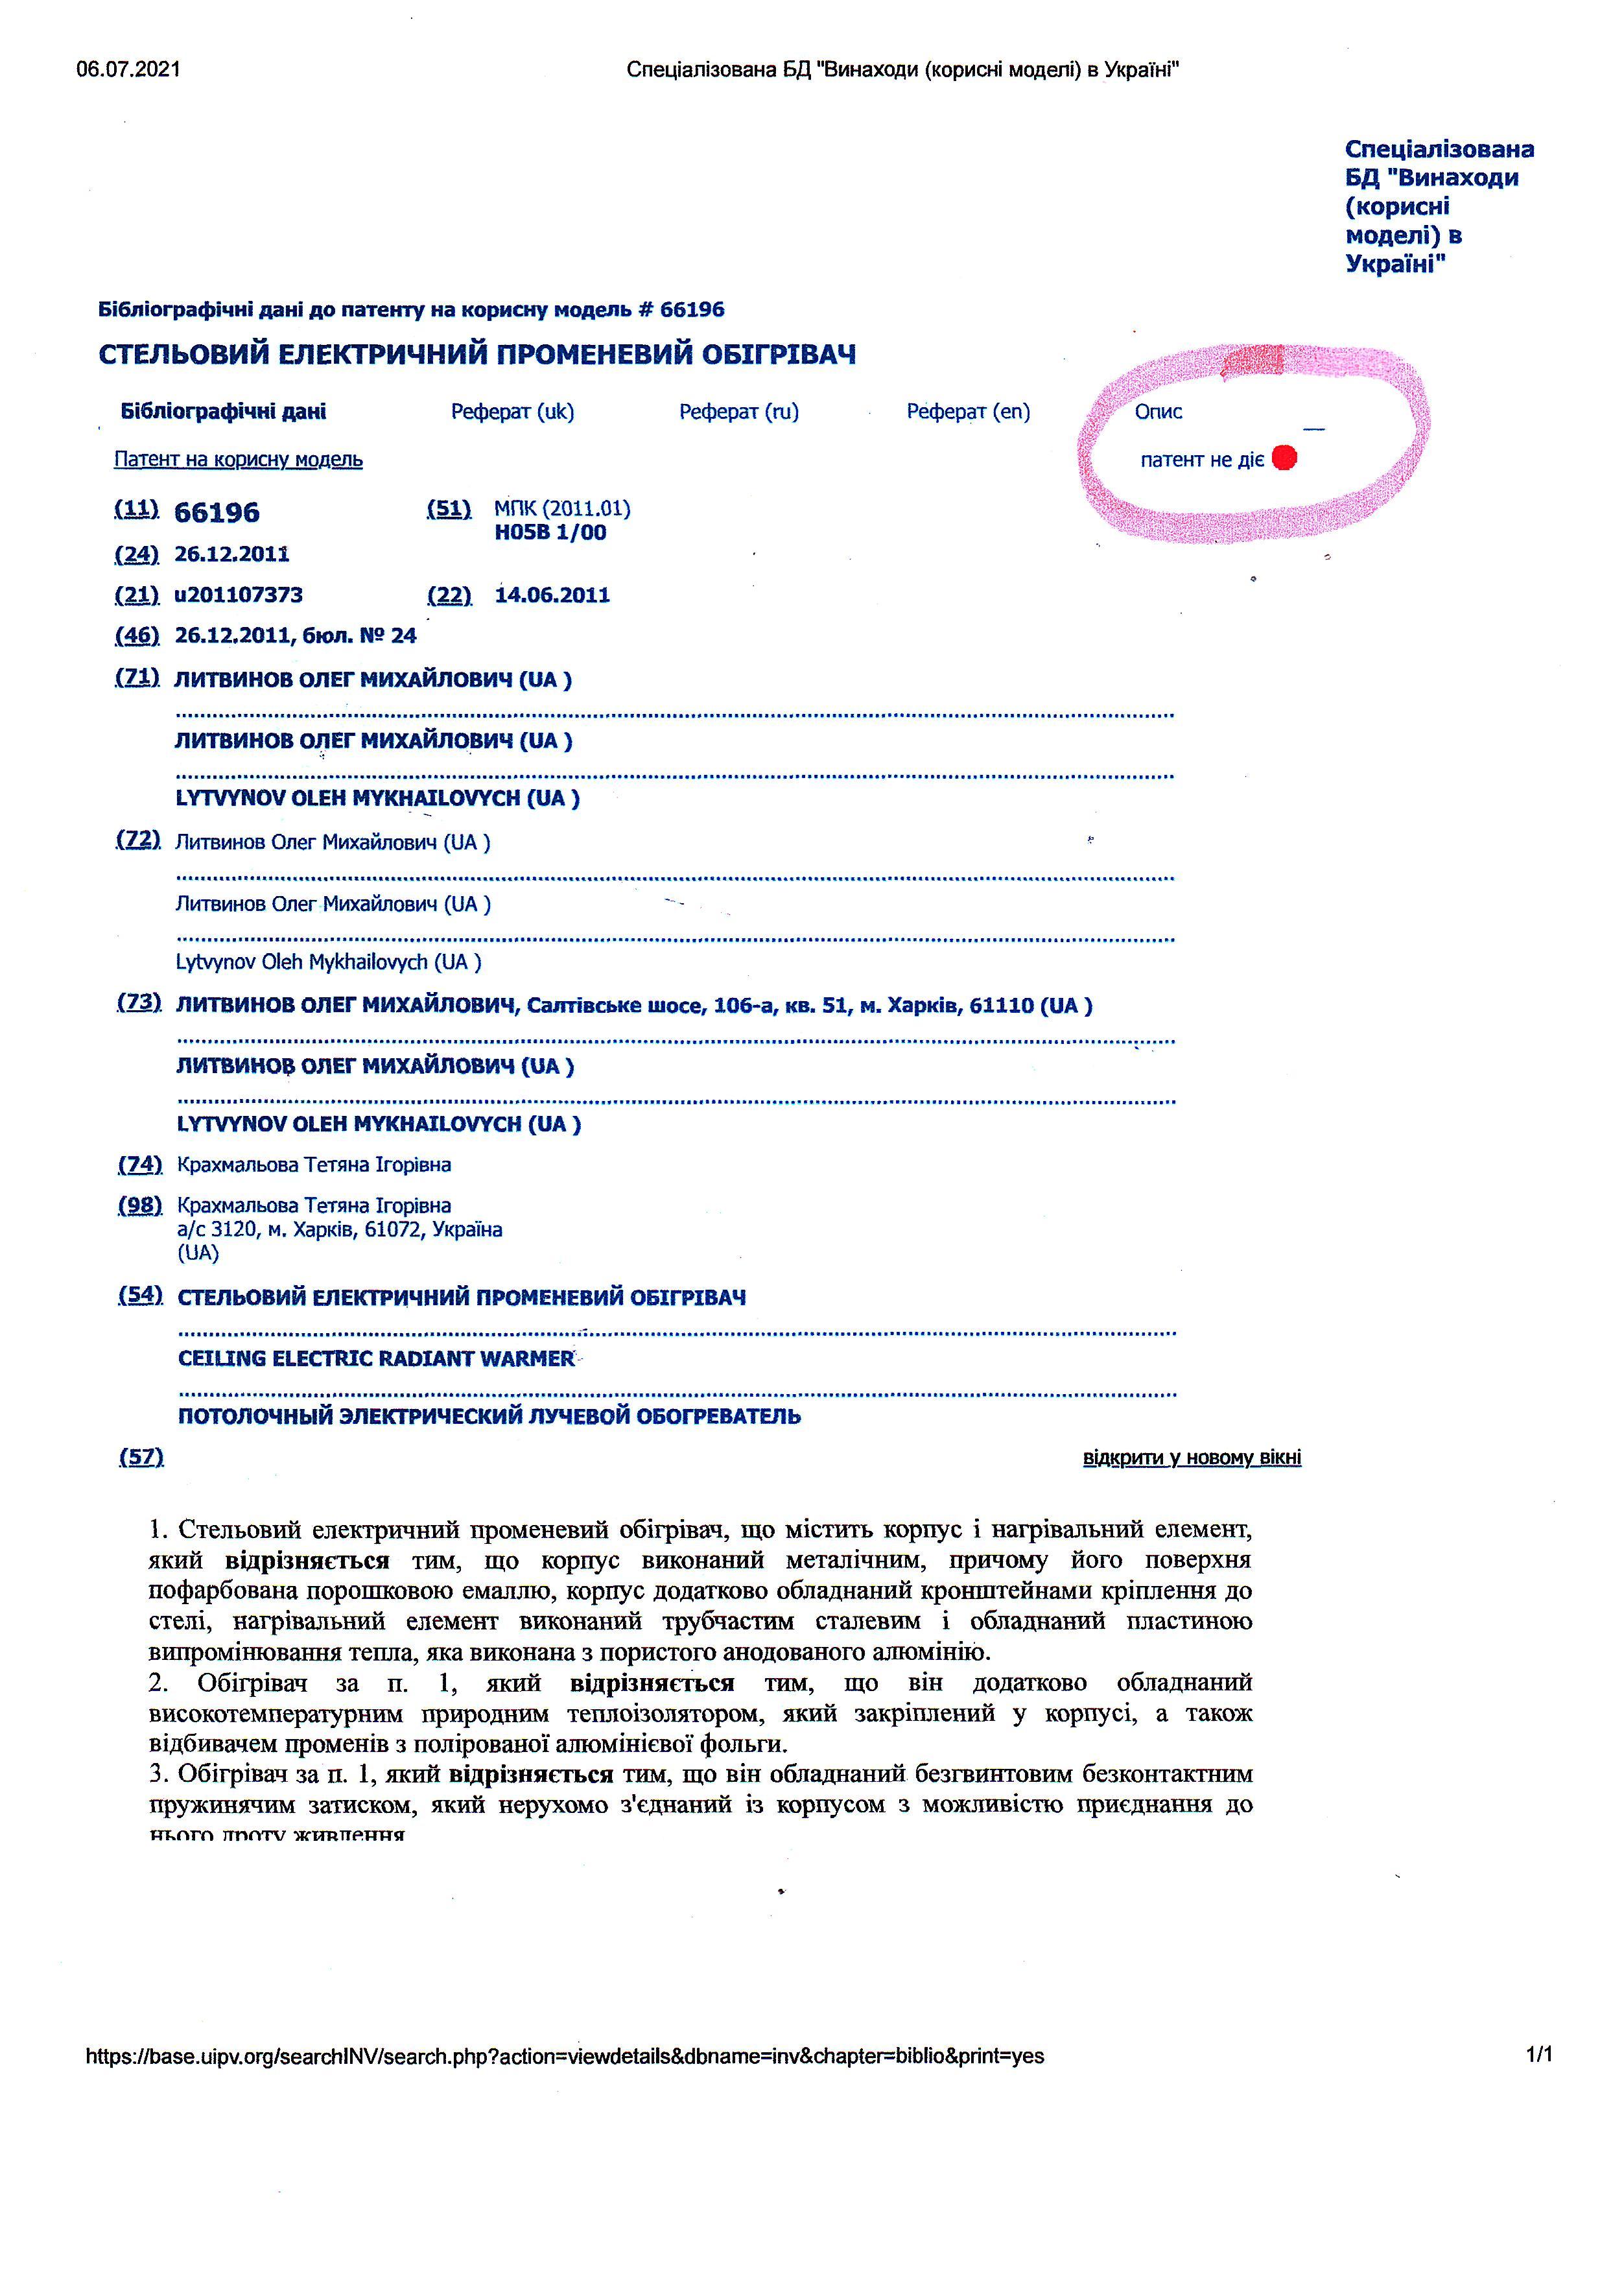 Билюкс Украина потеряла патент на потолочные инфракрасные обогреватели